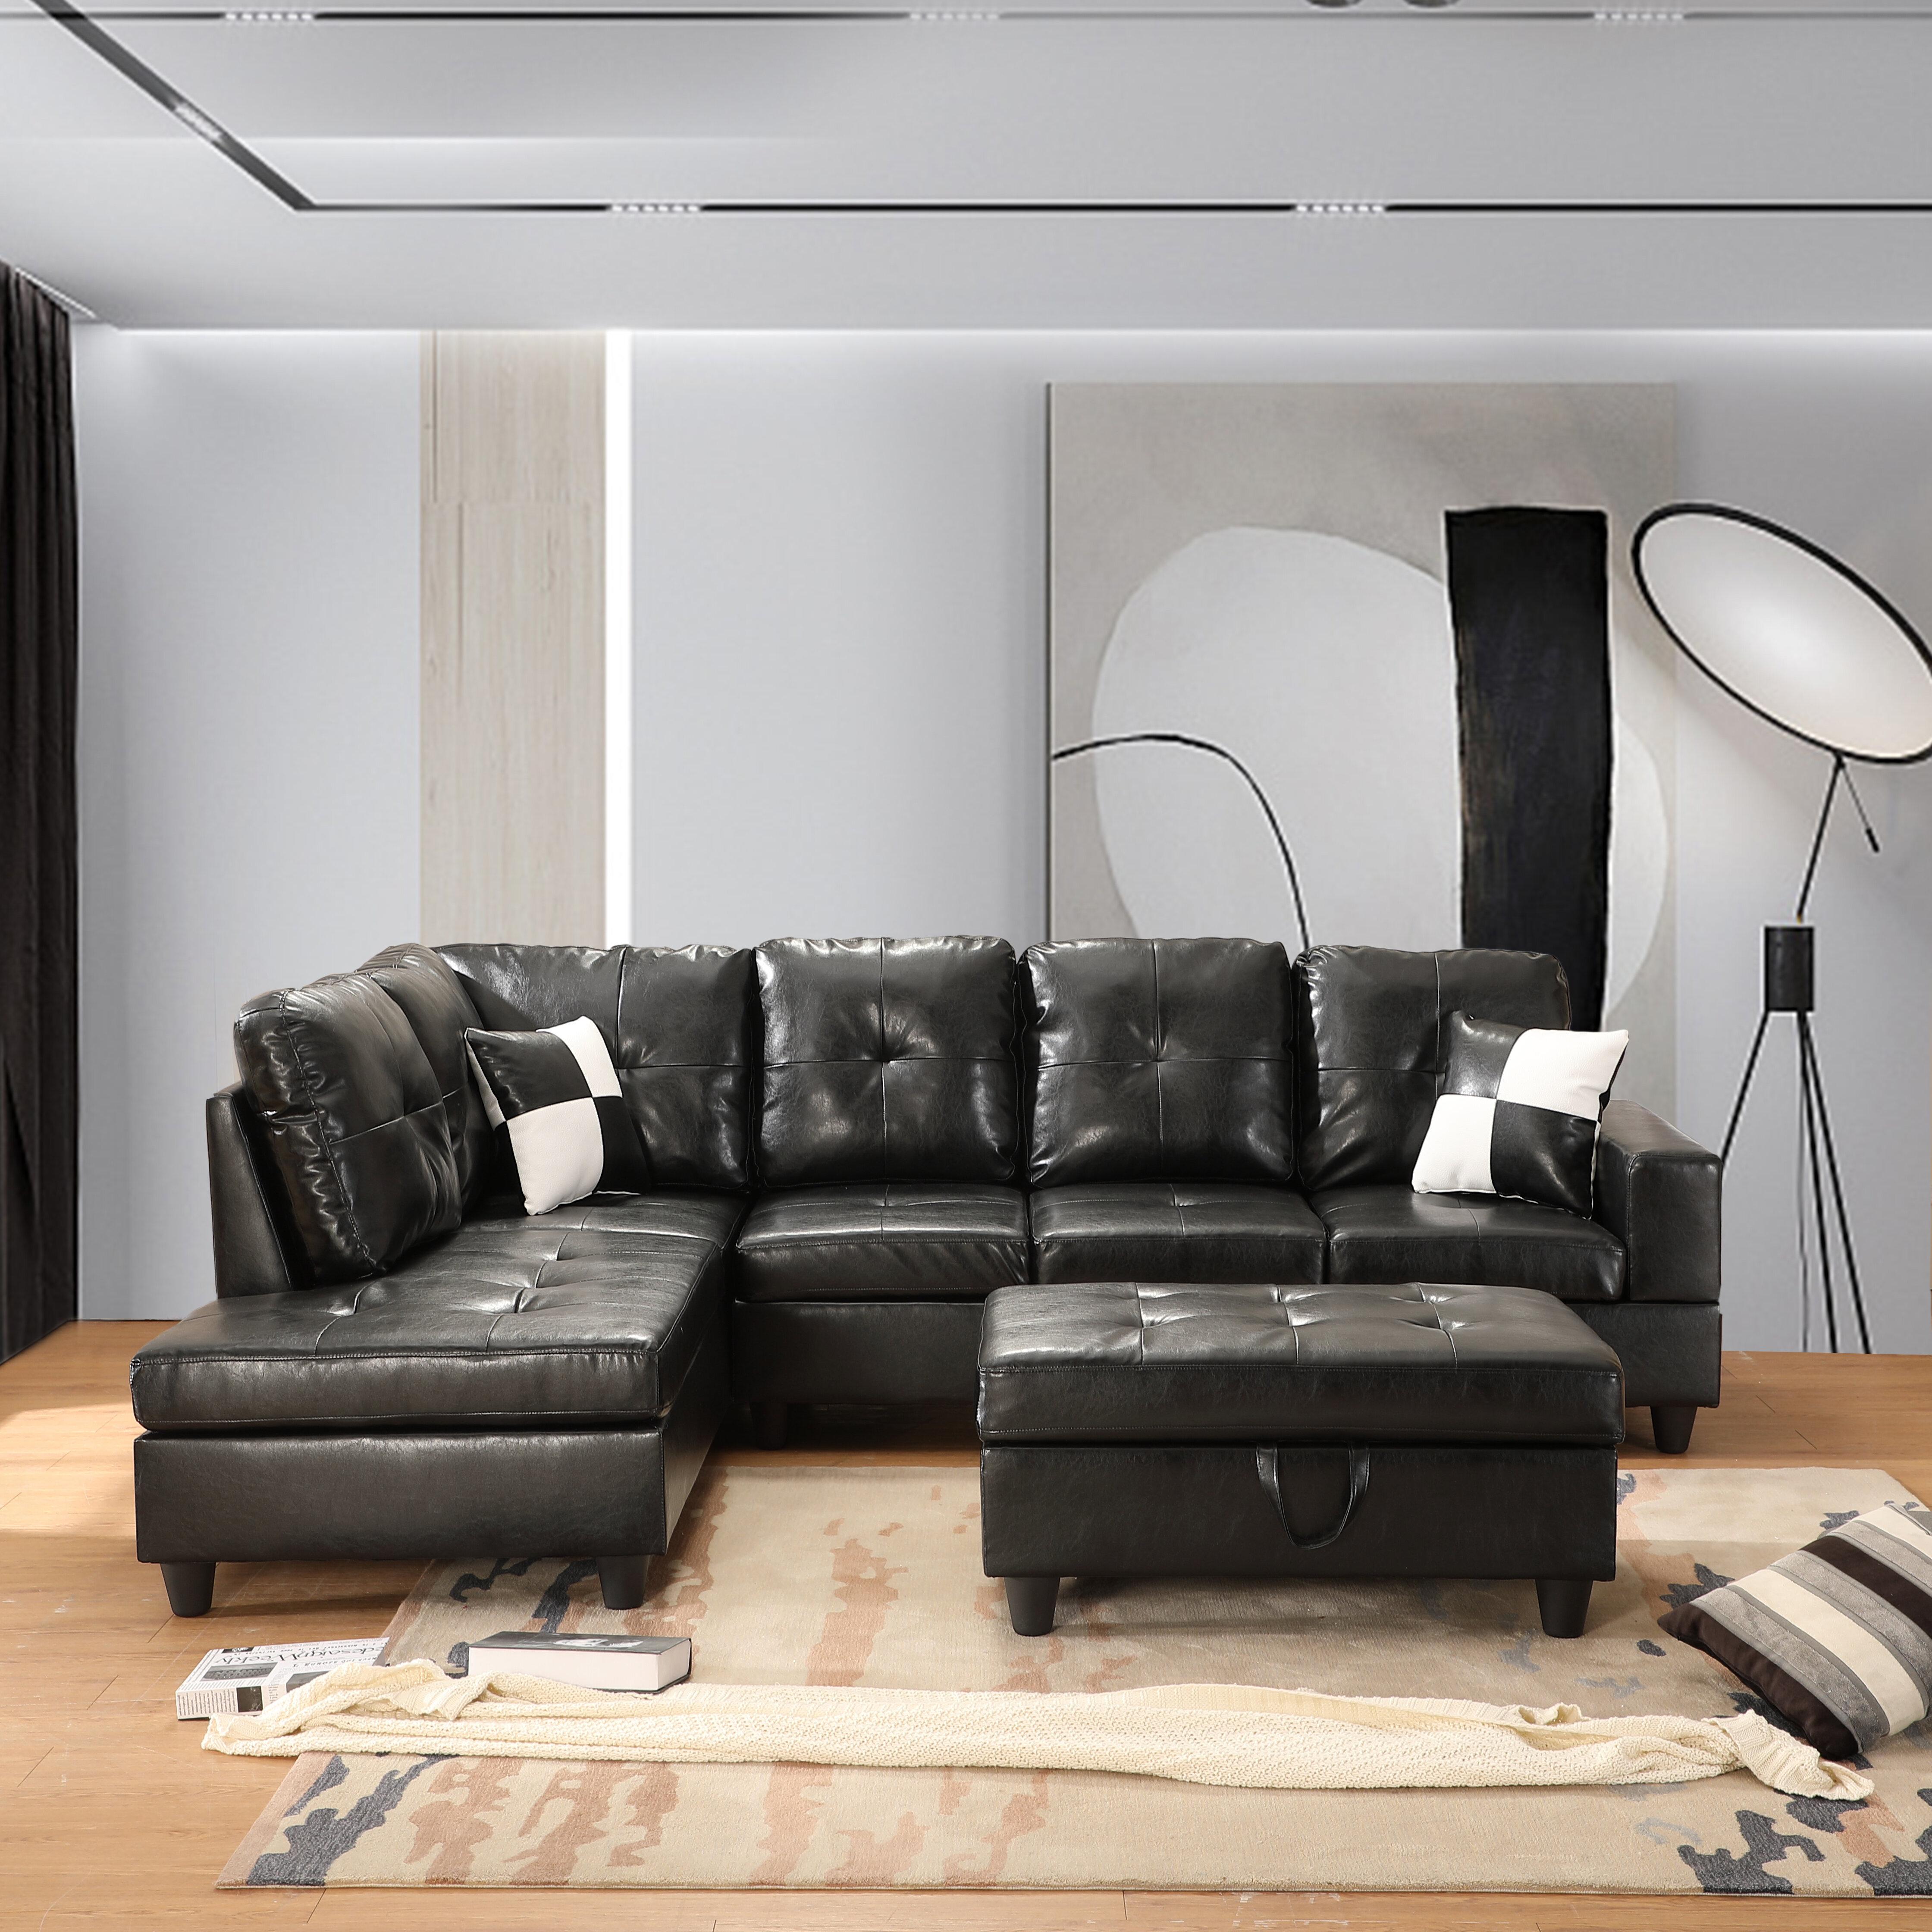 Latitude Run Caitlin Rose 103 5 Faux Leather Sofa Chaise With Ottoman Wayfair